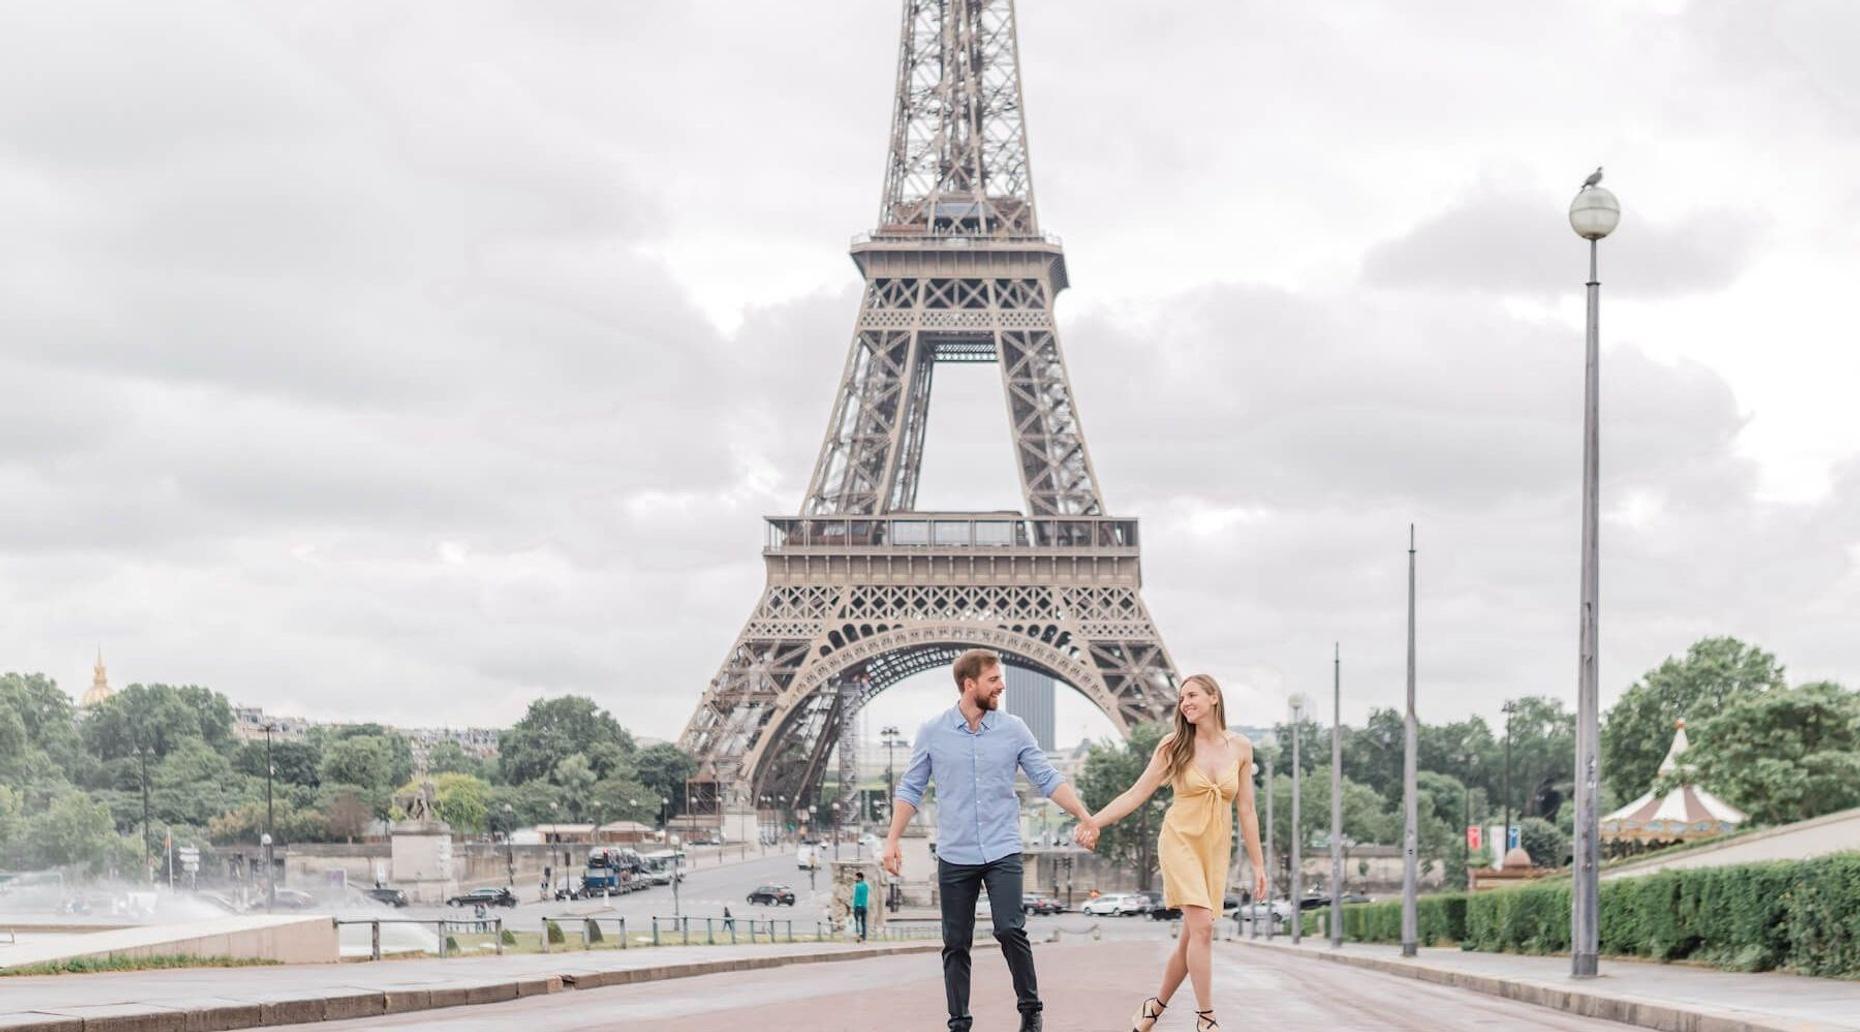 1-Hour Paris Photo Shoot